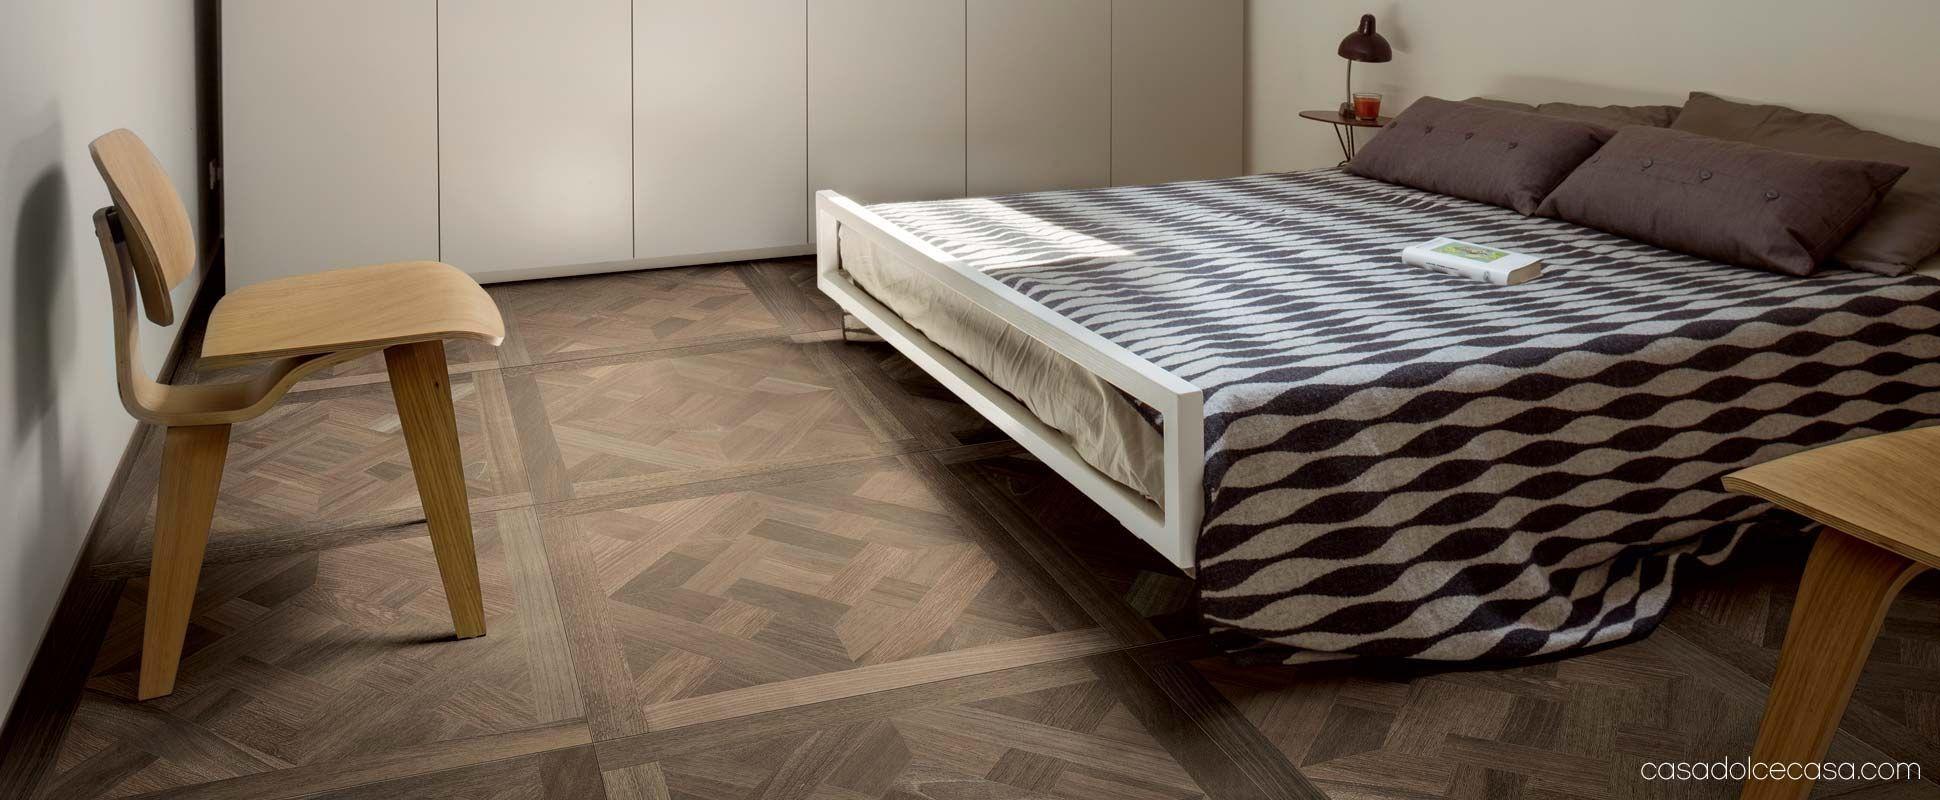 carreaux en gr s pour carrelage aspect parquet wooden. Black Bedroom Furniture Sets. Home Design Ideas